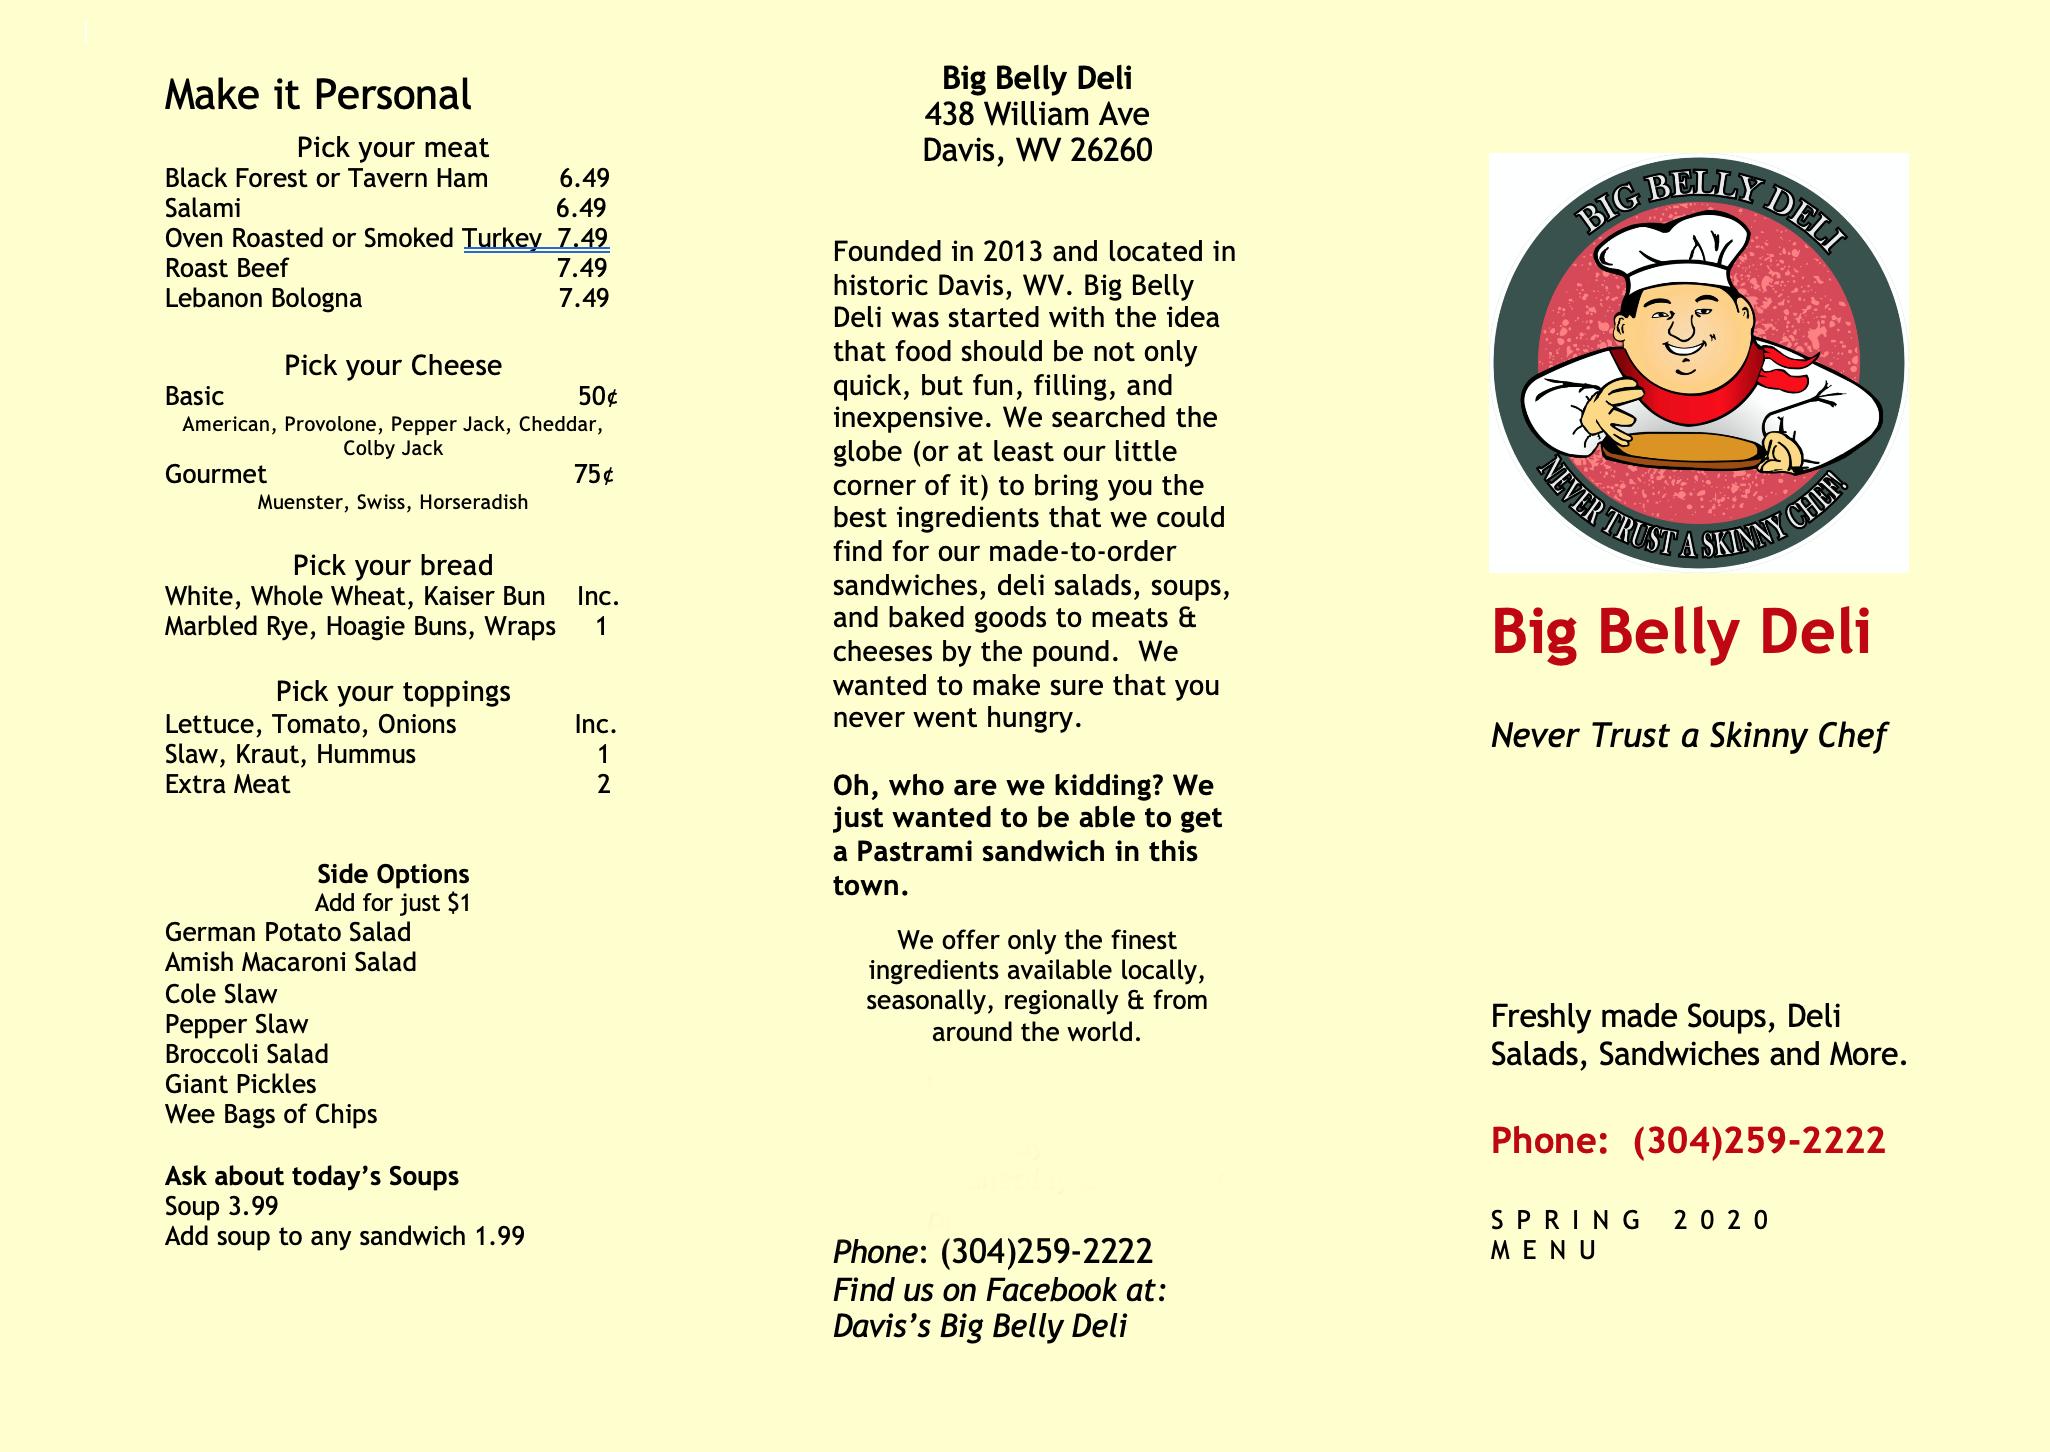 menu.image1